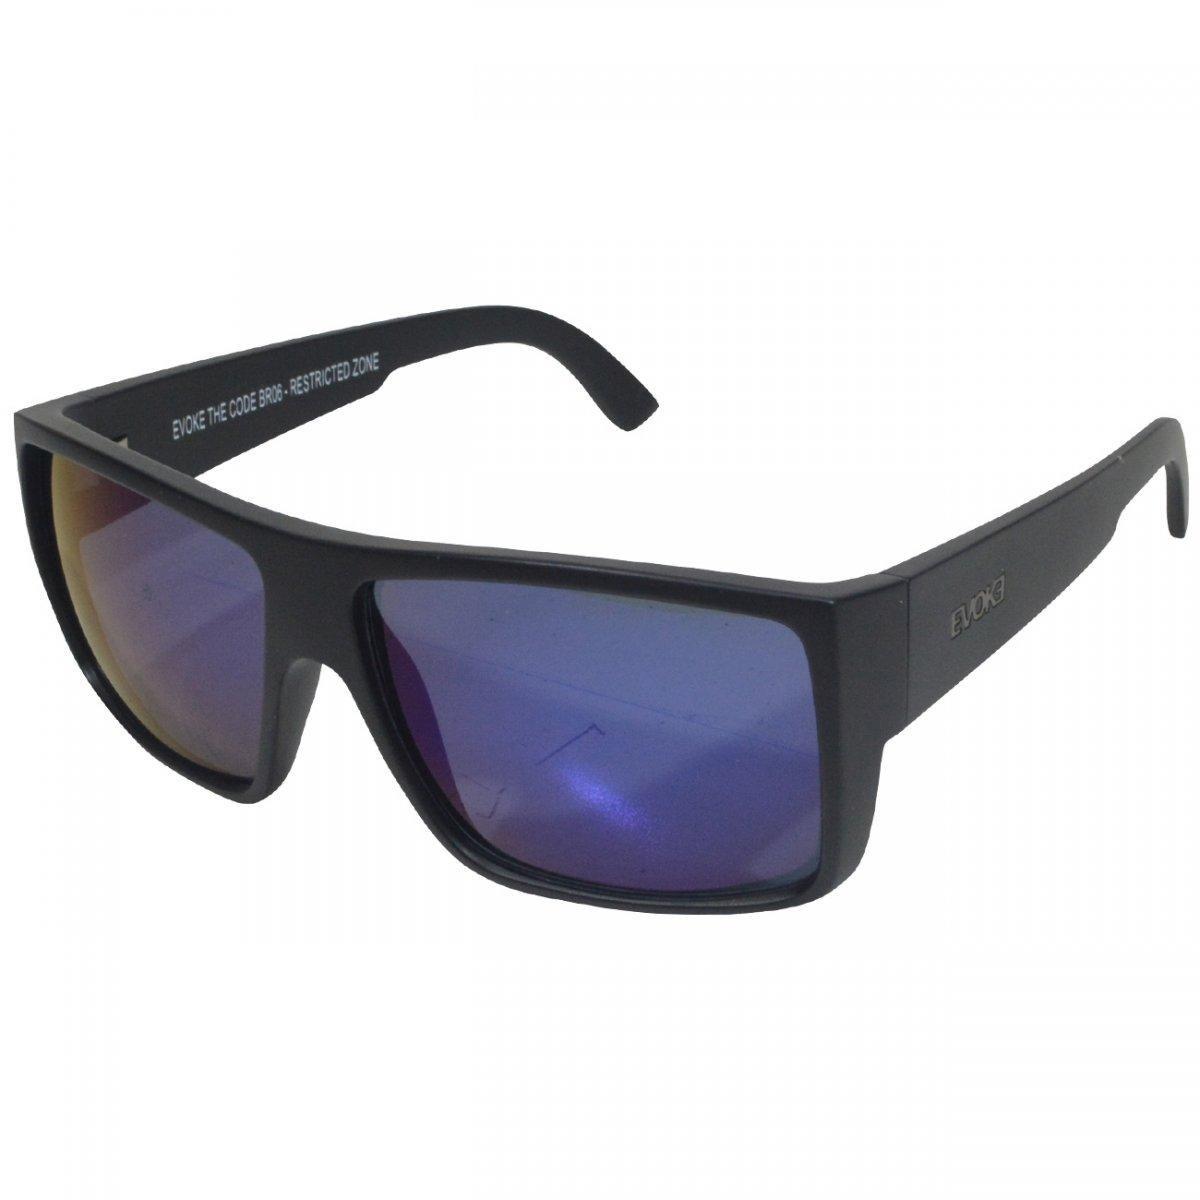 Óculos Evoke The Code Masculino - Preto e Azul - Compre Agora   Zattini a0a3499b3b